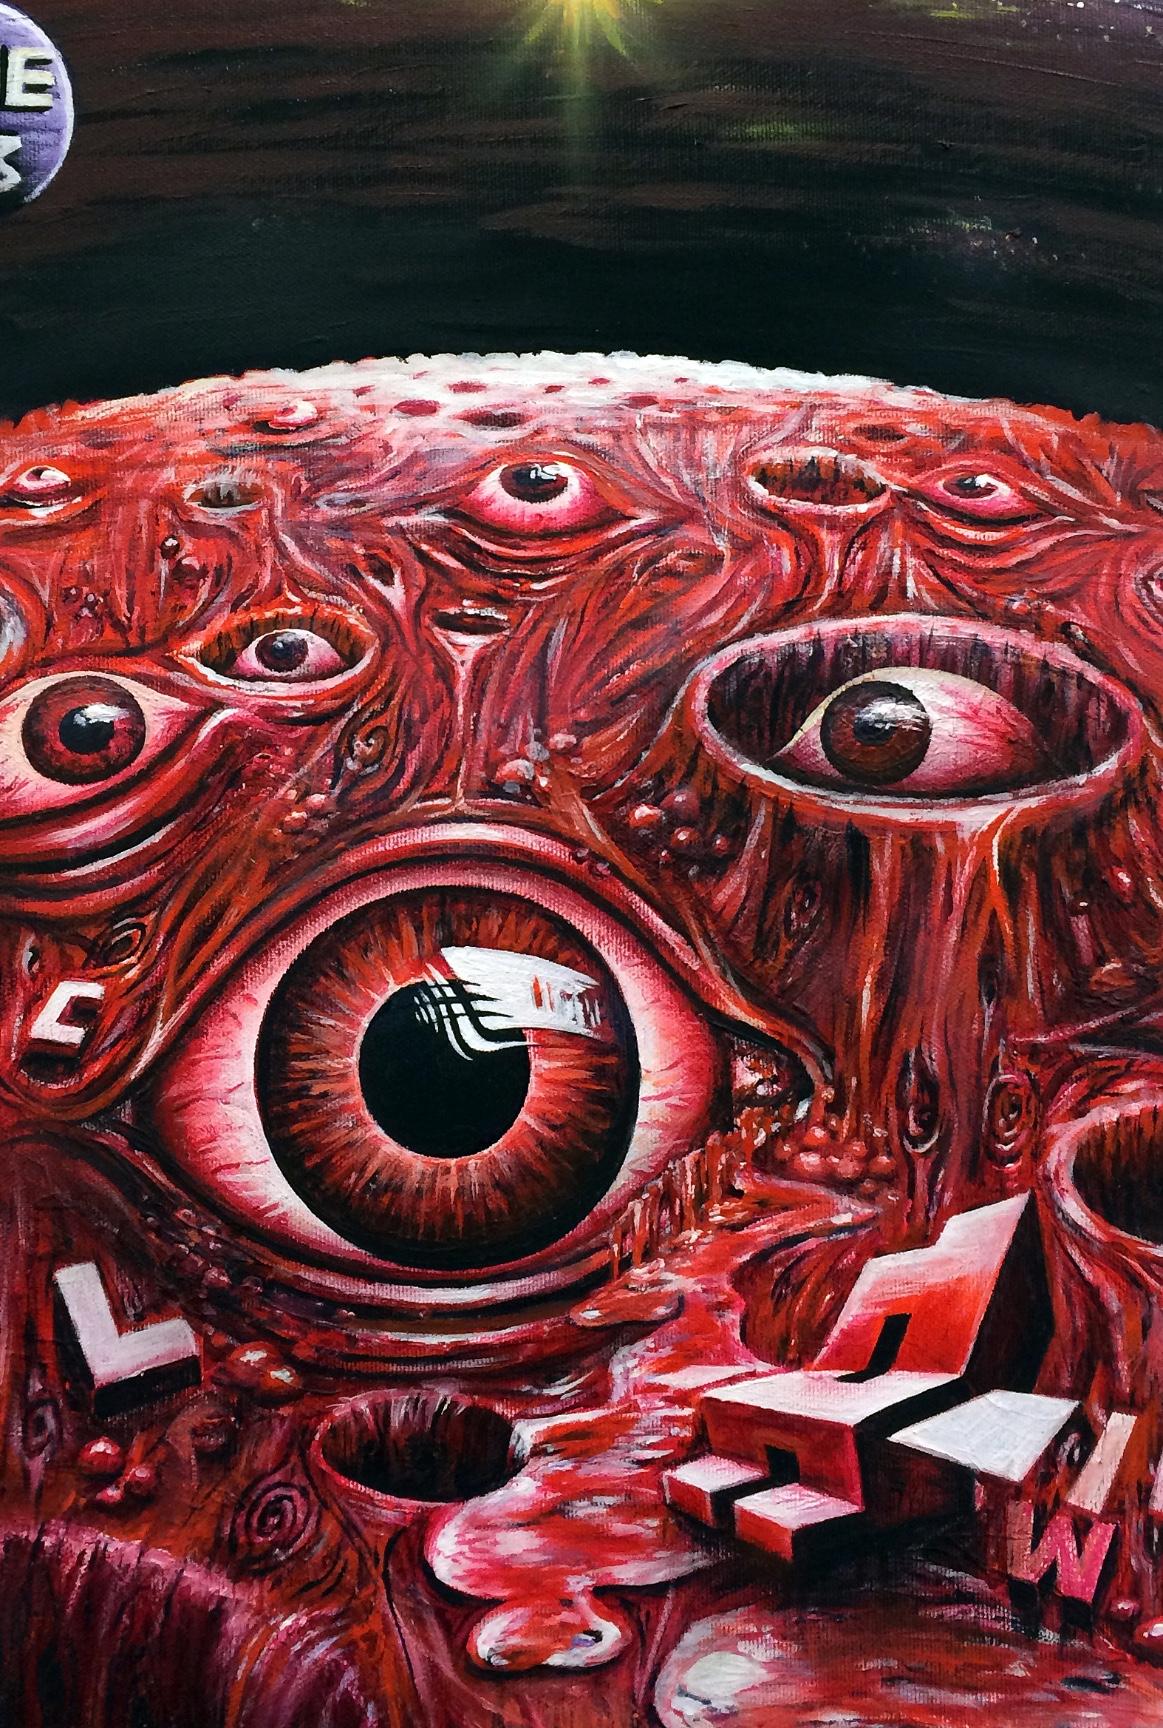 artigall: Redeye planet Kunstwerk Detailansicht